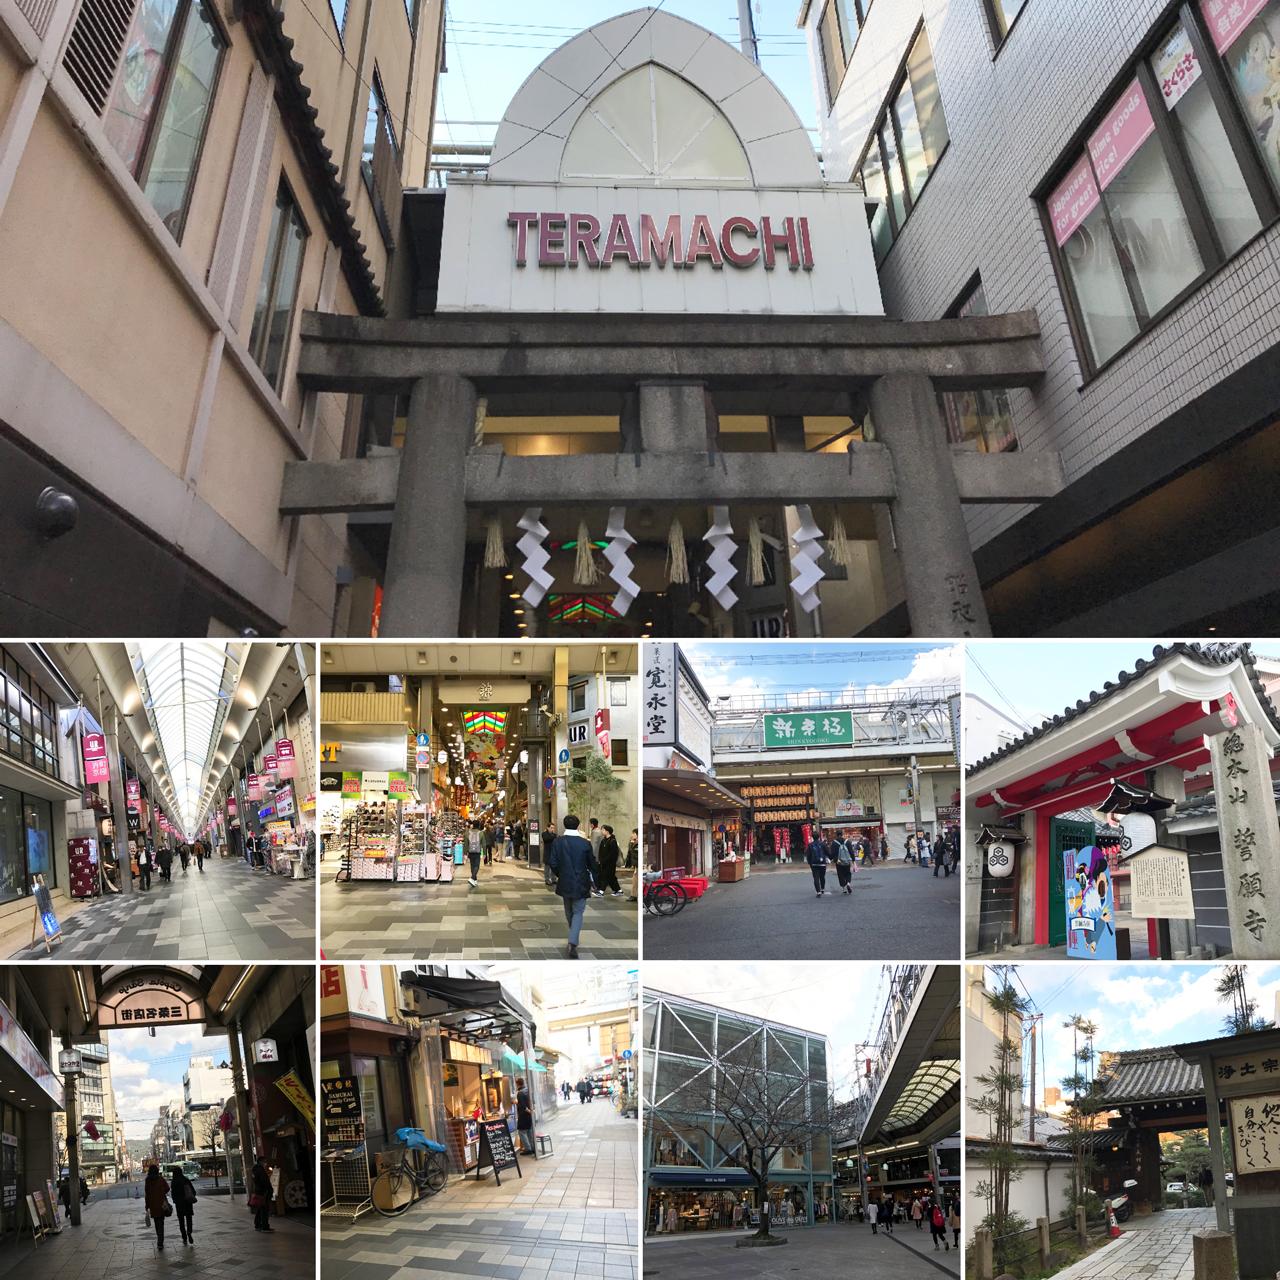 寺町 商店街